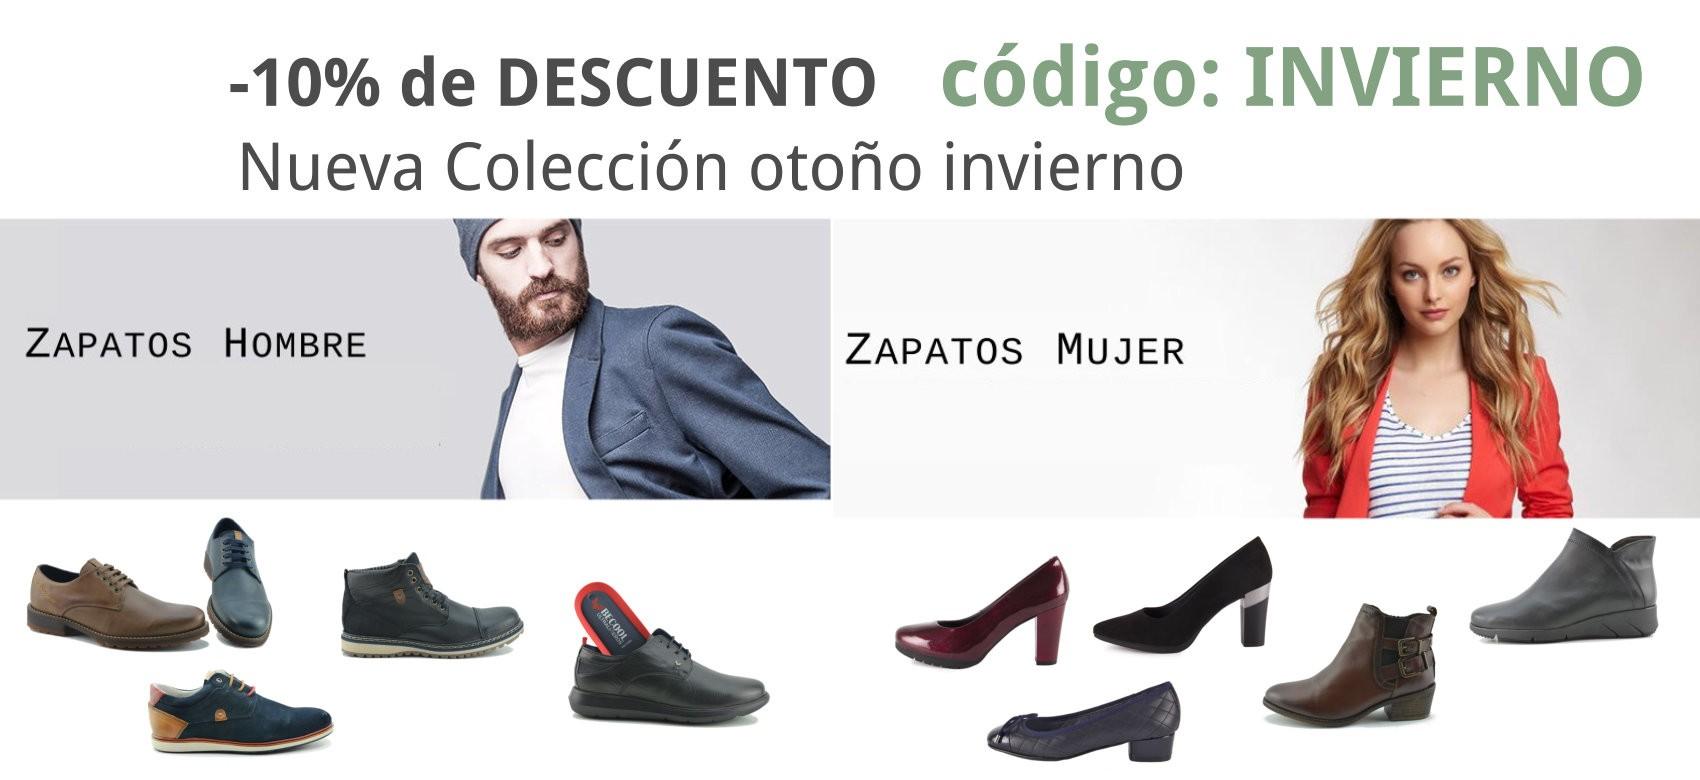 new concept 462dc 60457 3047589adeb08c0a0a6608c4b06d3df178e59561nueva-coleccion-invierno-descuentos.jpg